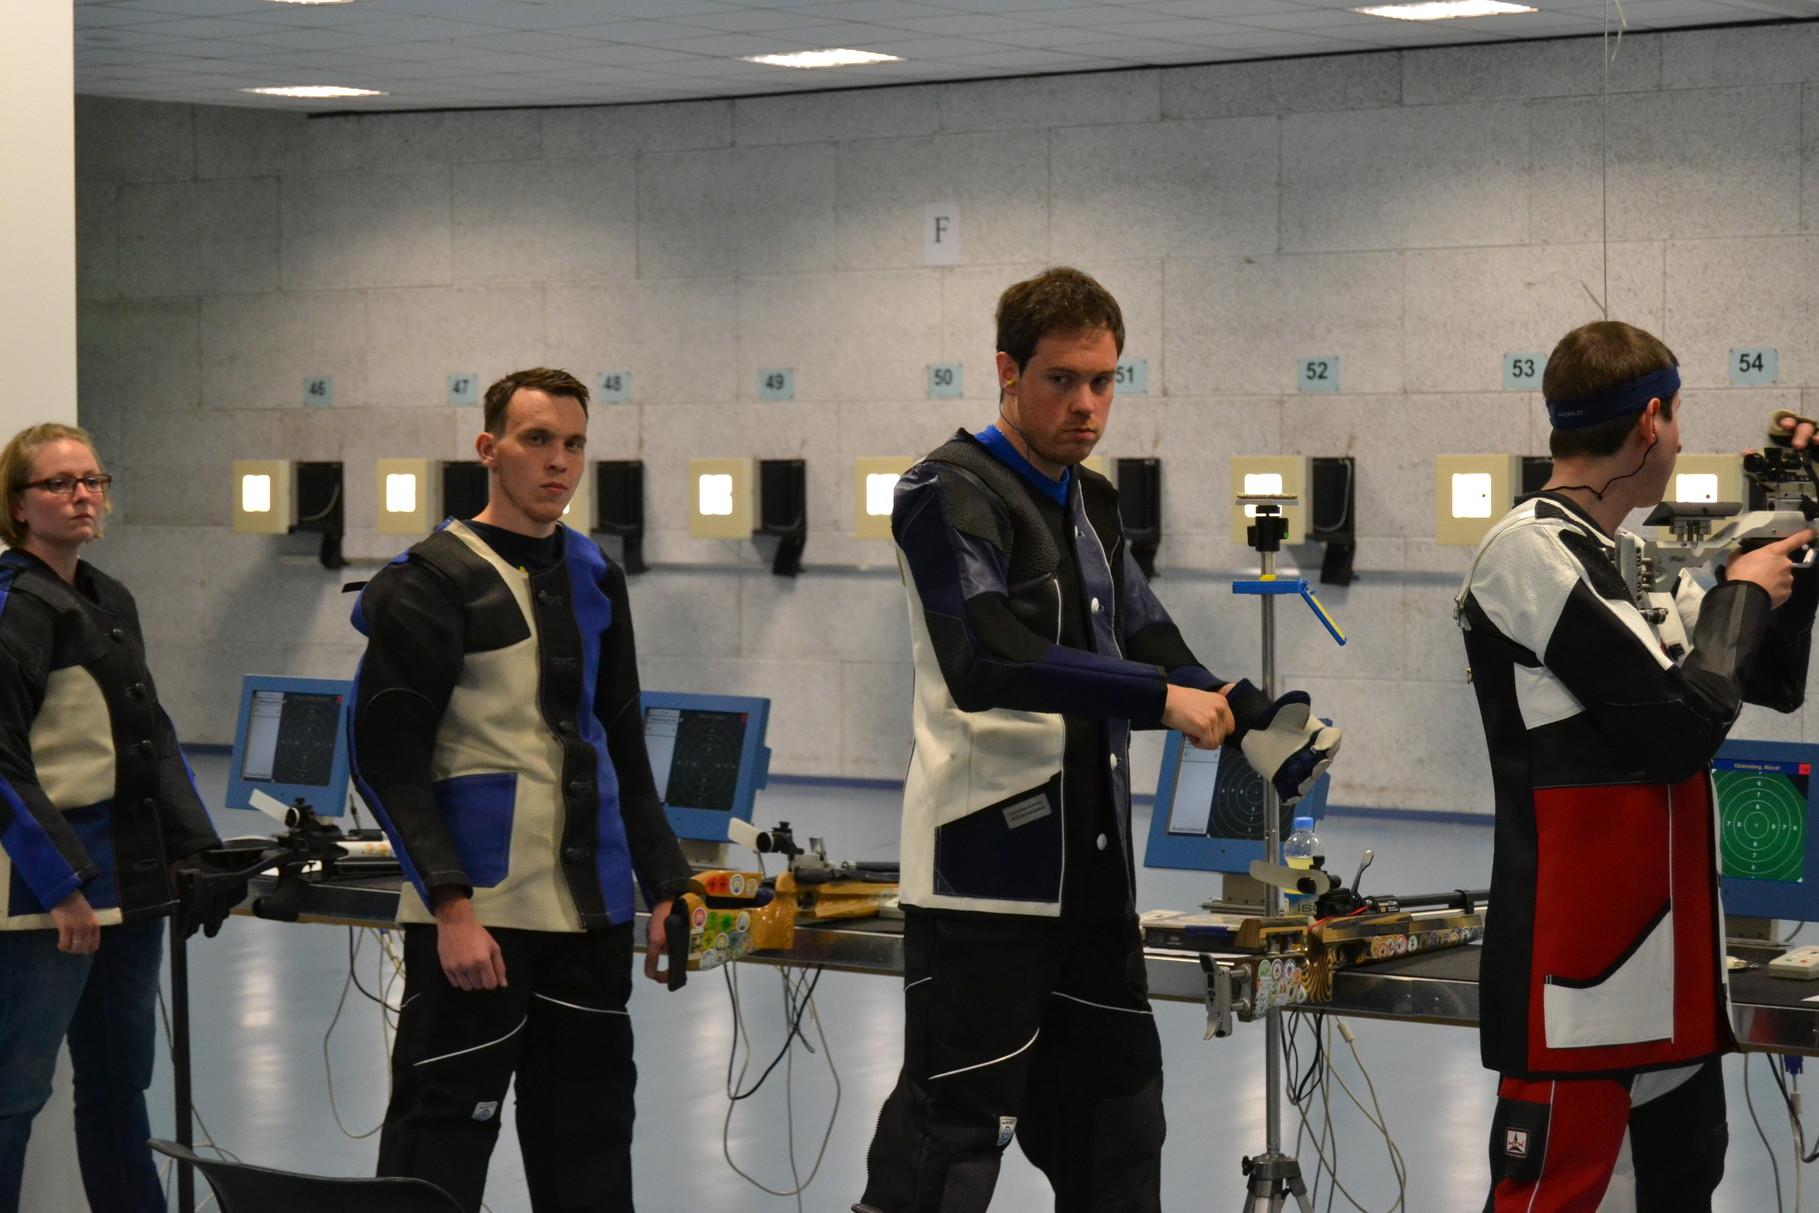 Christian Theisen und Marcel Bachem hatten sich mit dem Luftgewehr in der Herrenklasse qualifiziert.